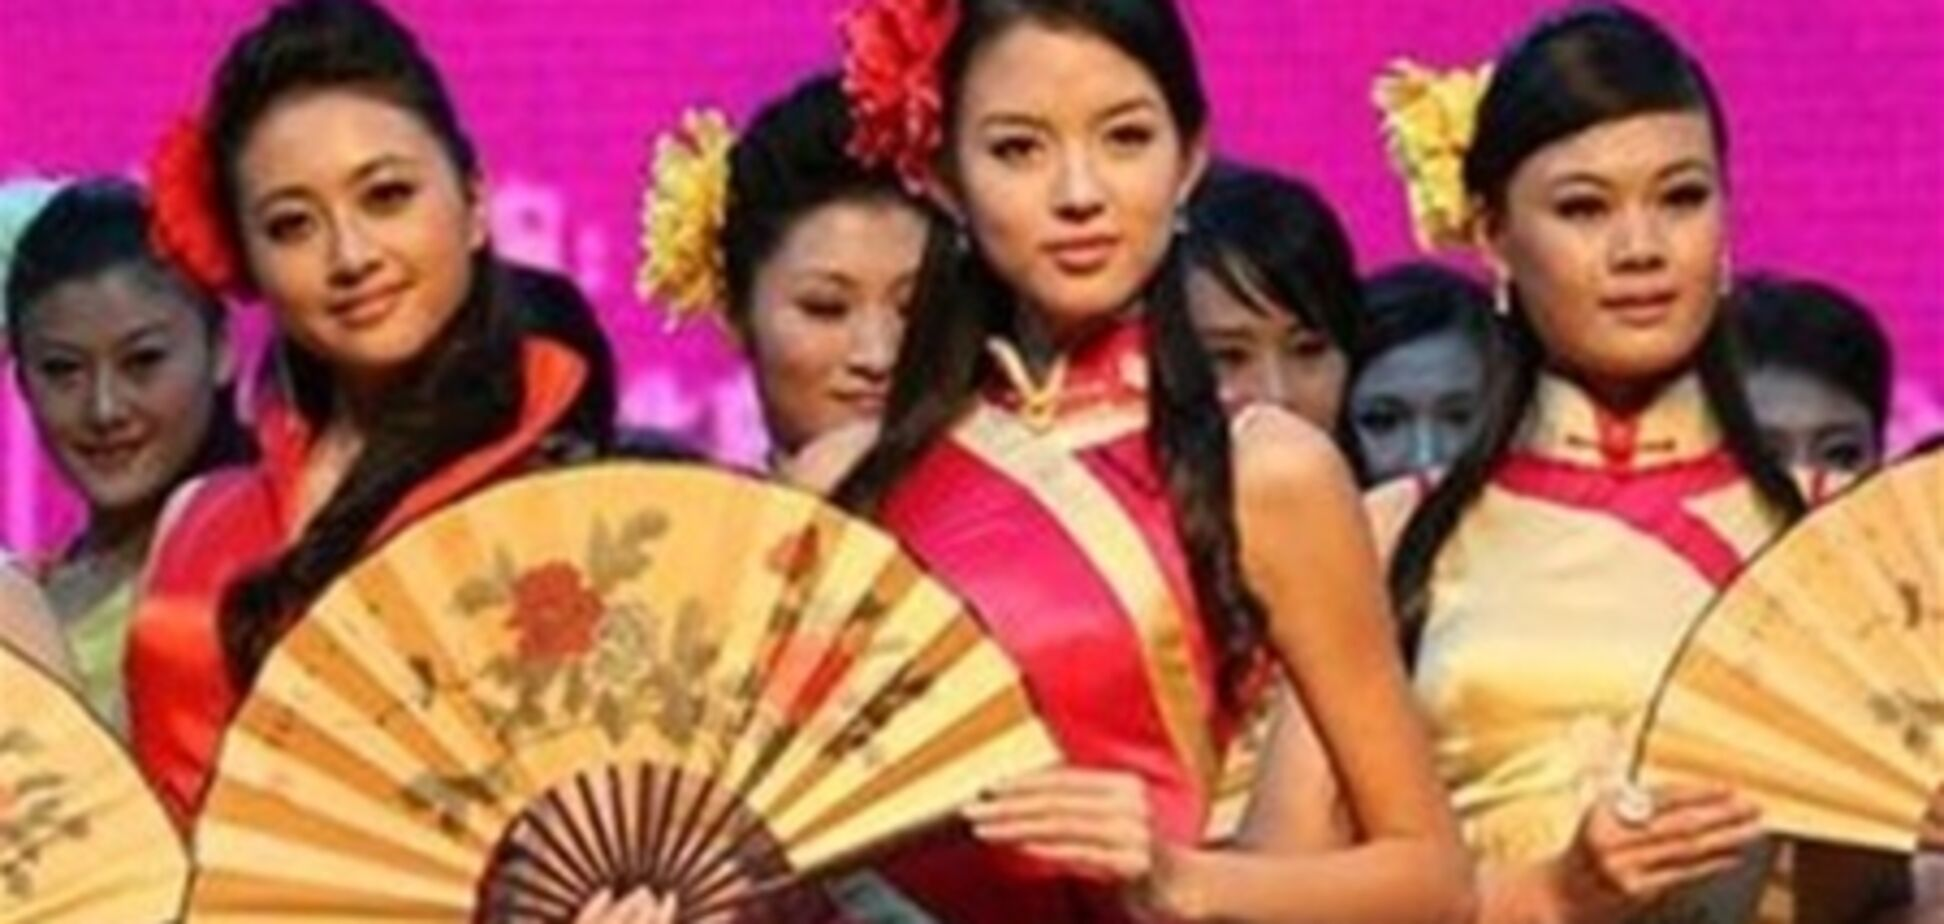 В Китае незамужние женщины старше 27 лет получили название 'объедки'